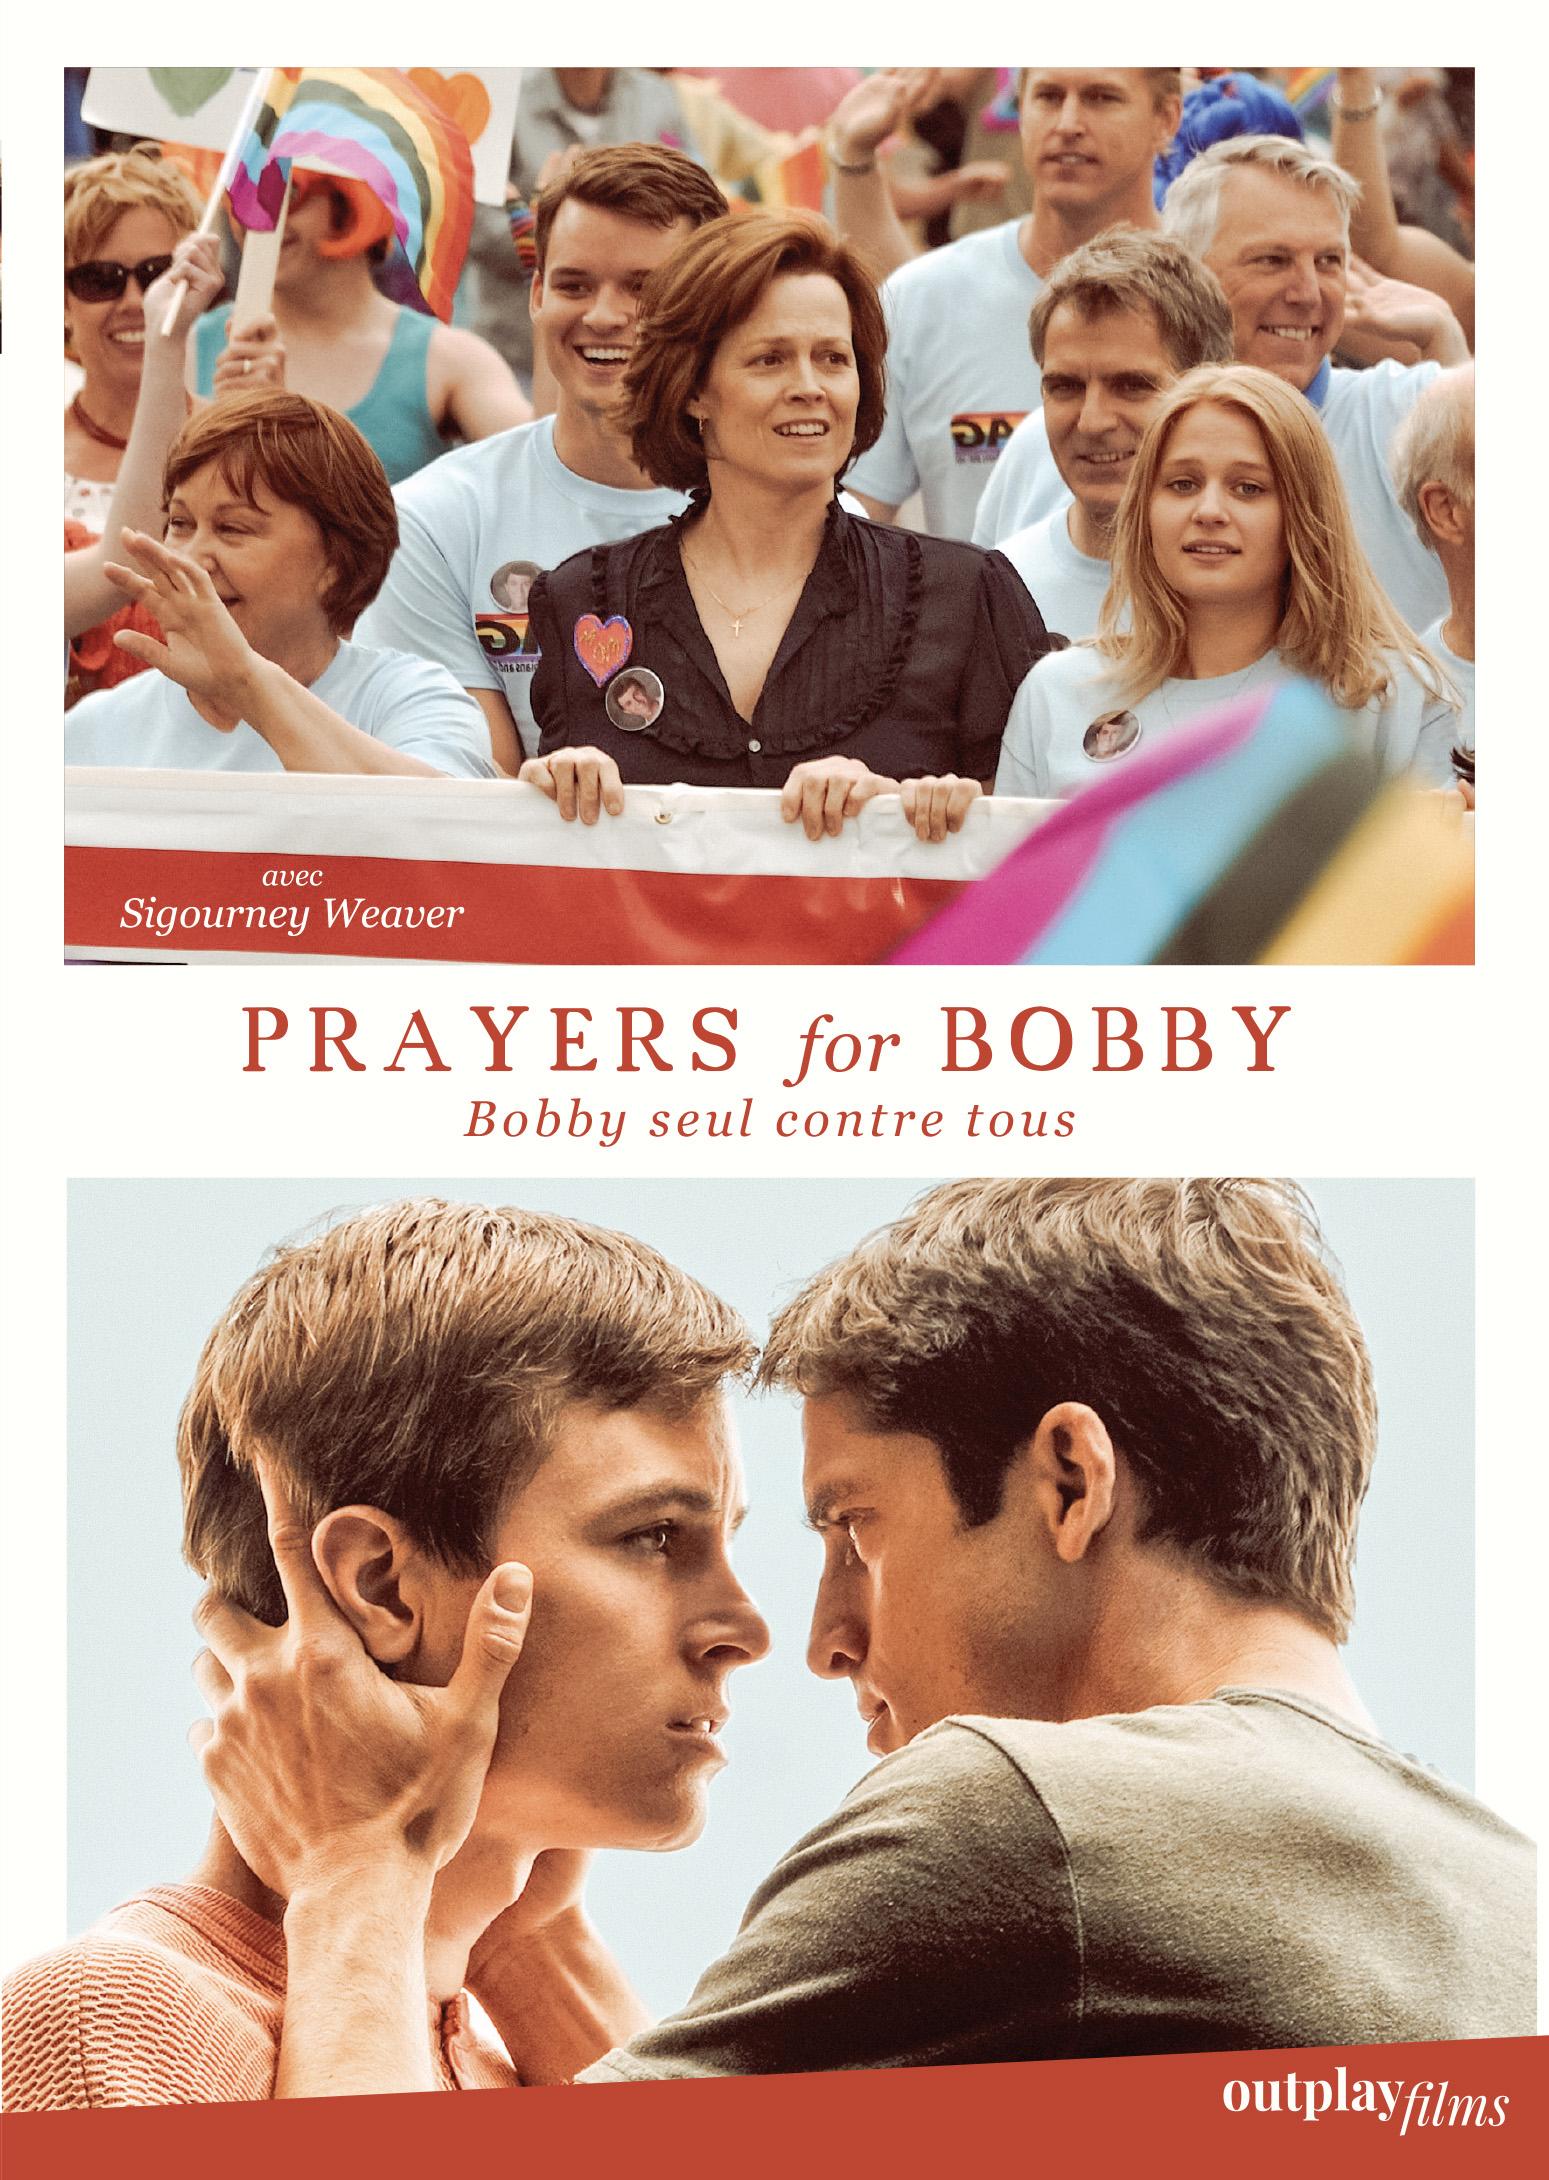 Prayers for Bobby – Bobby Seul Contre Tous